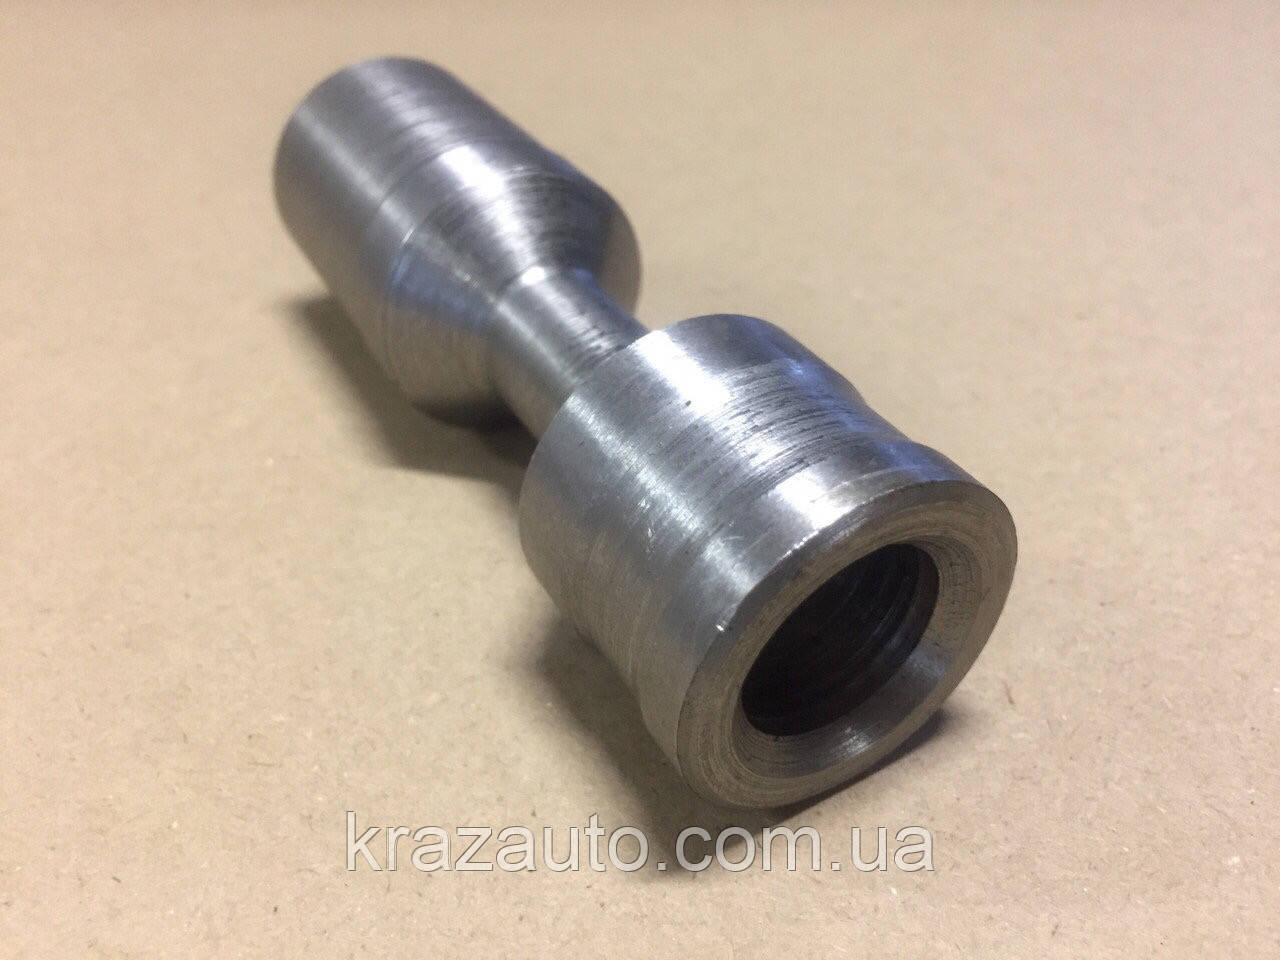 Втулка-клапан системы охлаждения поршней ЯМЗ 7511.1011442